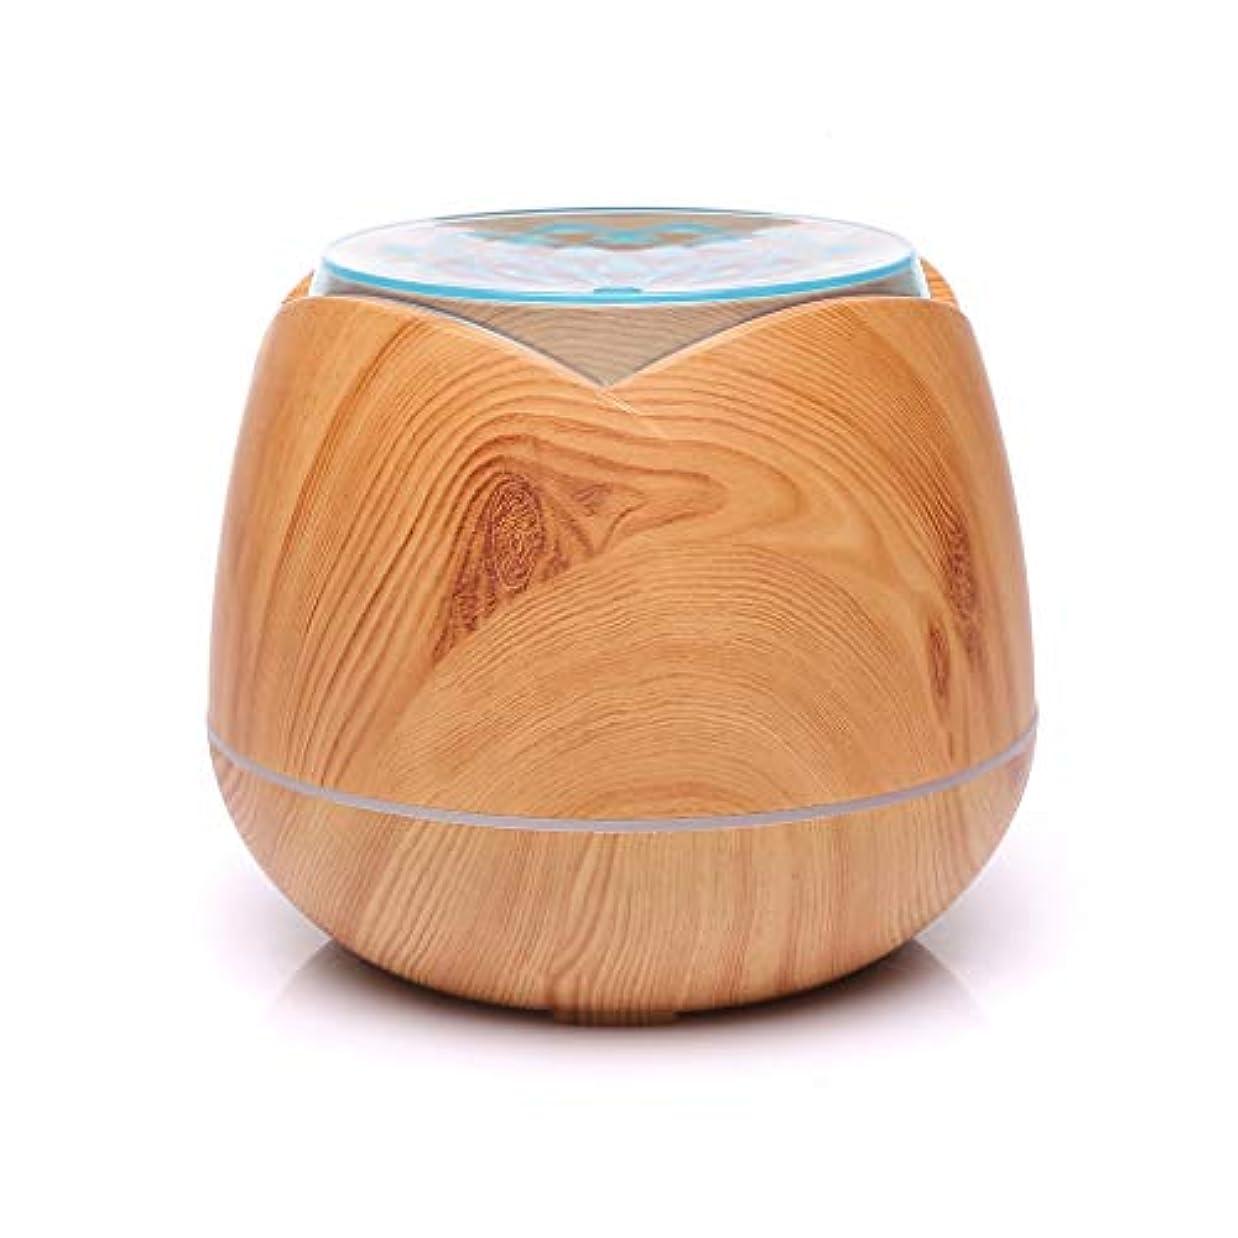 拷問動ナインへ涼しい霧の空気加湿器、家、ヨガ、オフィス、鉱泉、寝室のために変わる色LEDライトと超音波400ml - 木目 - (Color : Light wood grain)